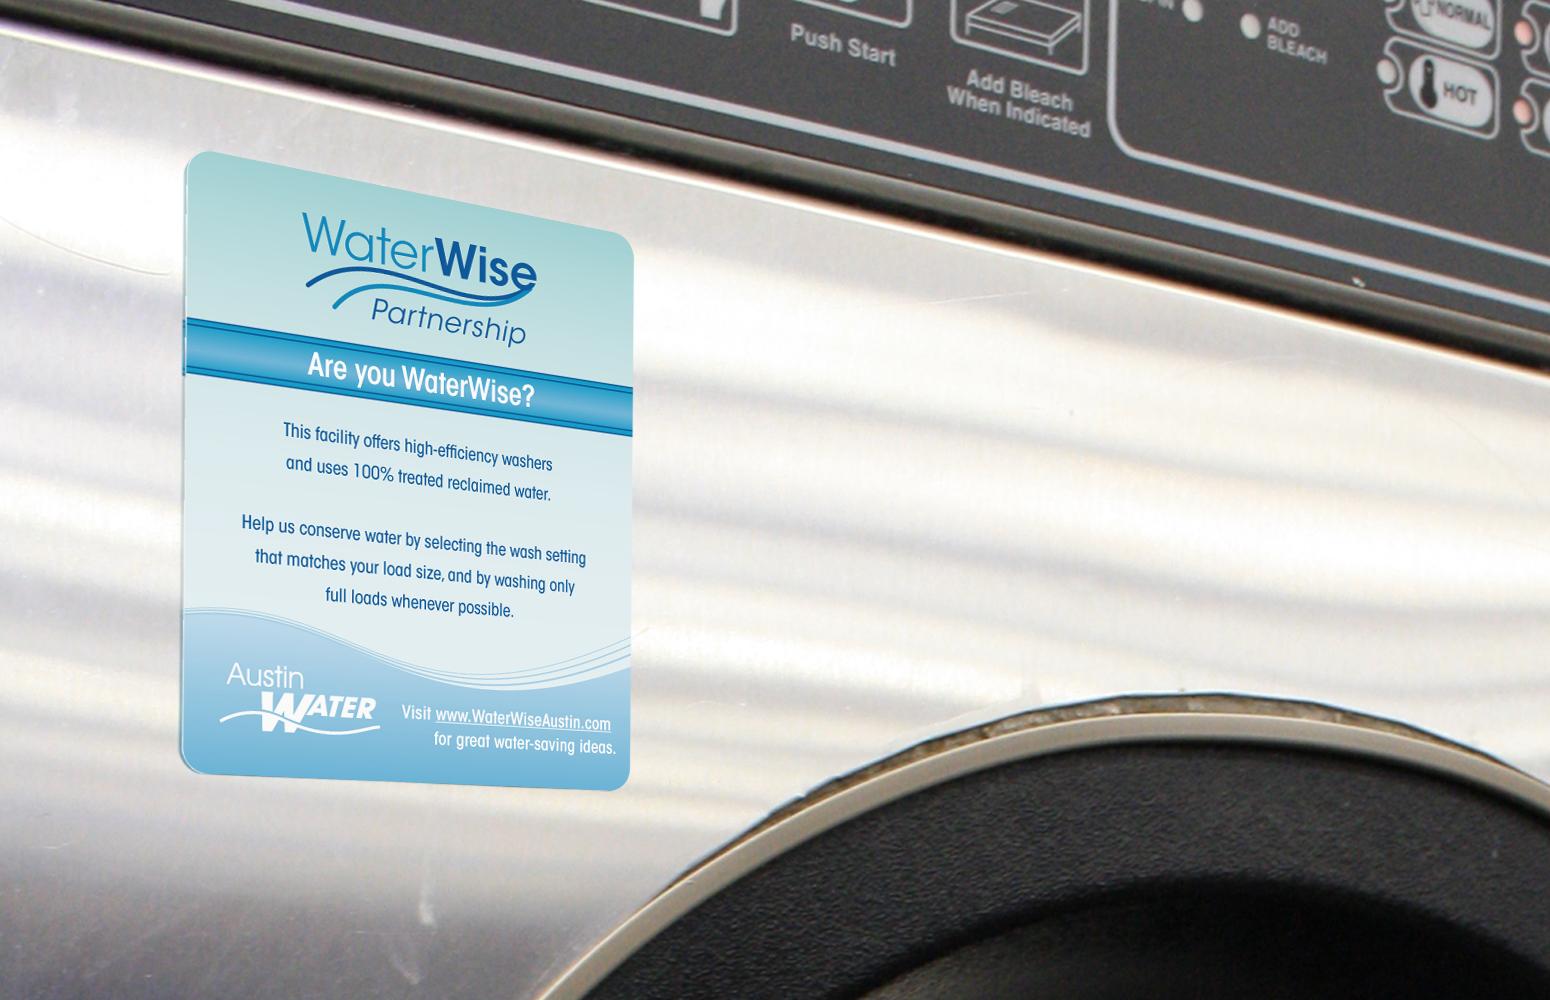 WW_LaundryCling_1550px.jpg